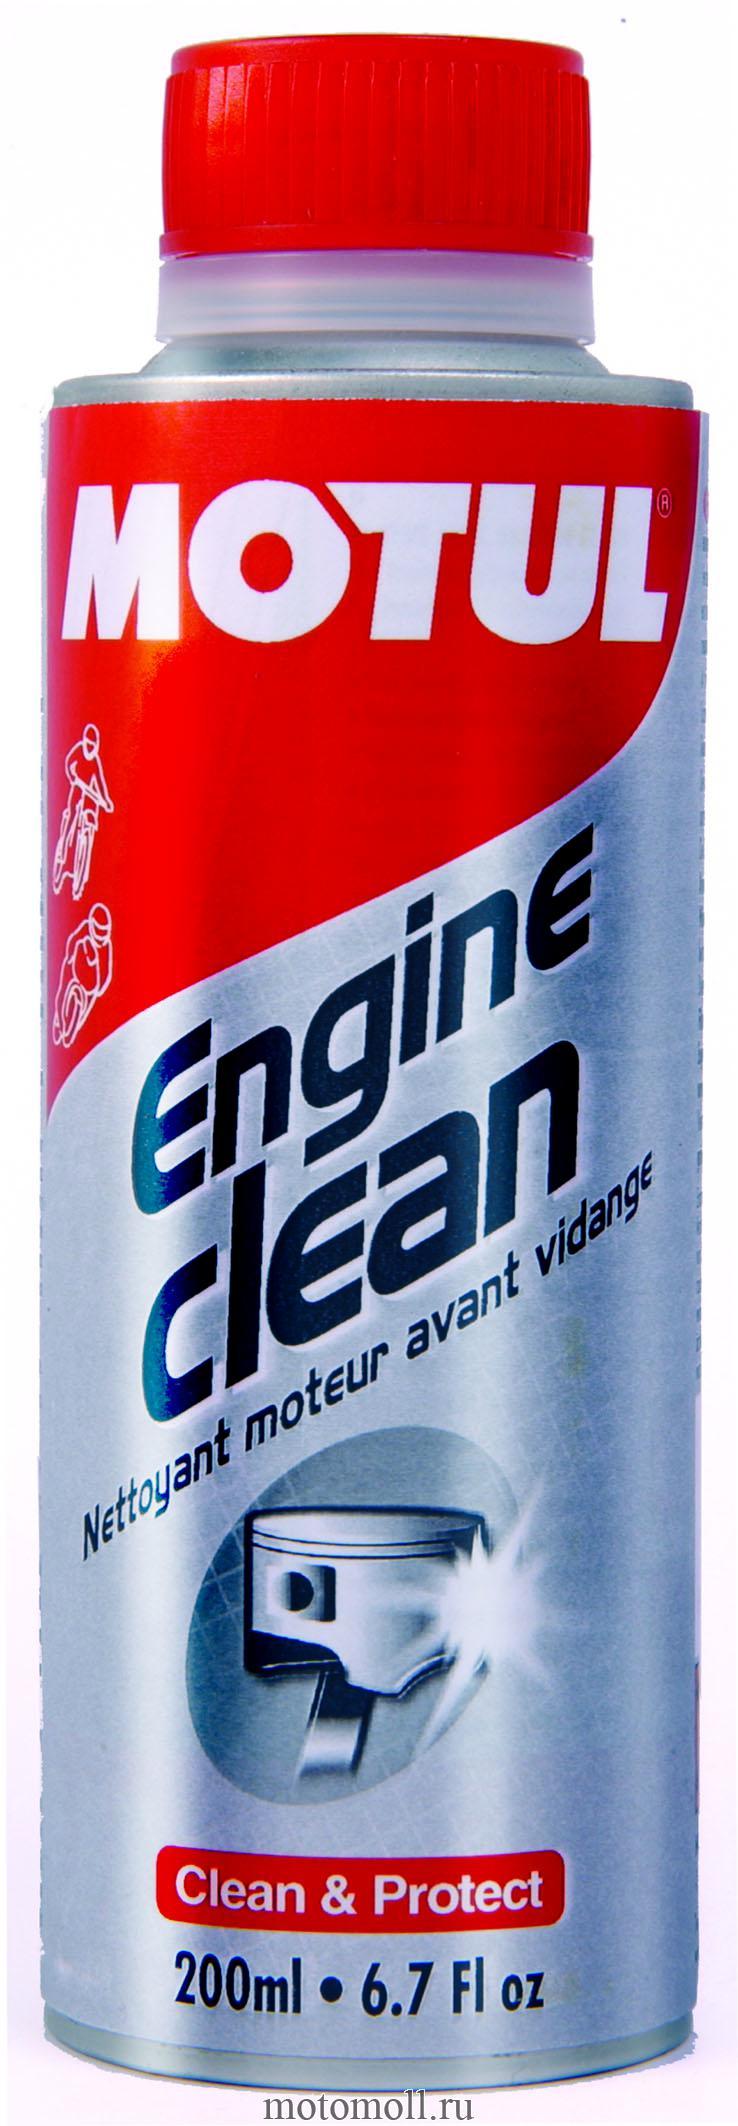 Очистители масляной системы Motul 102177